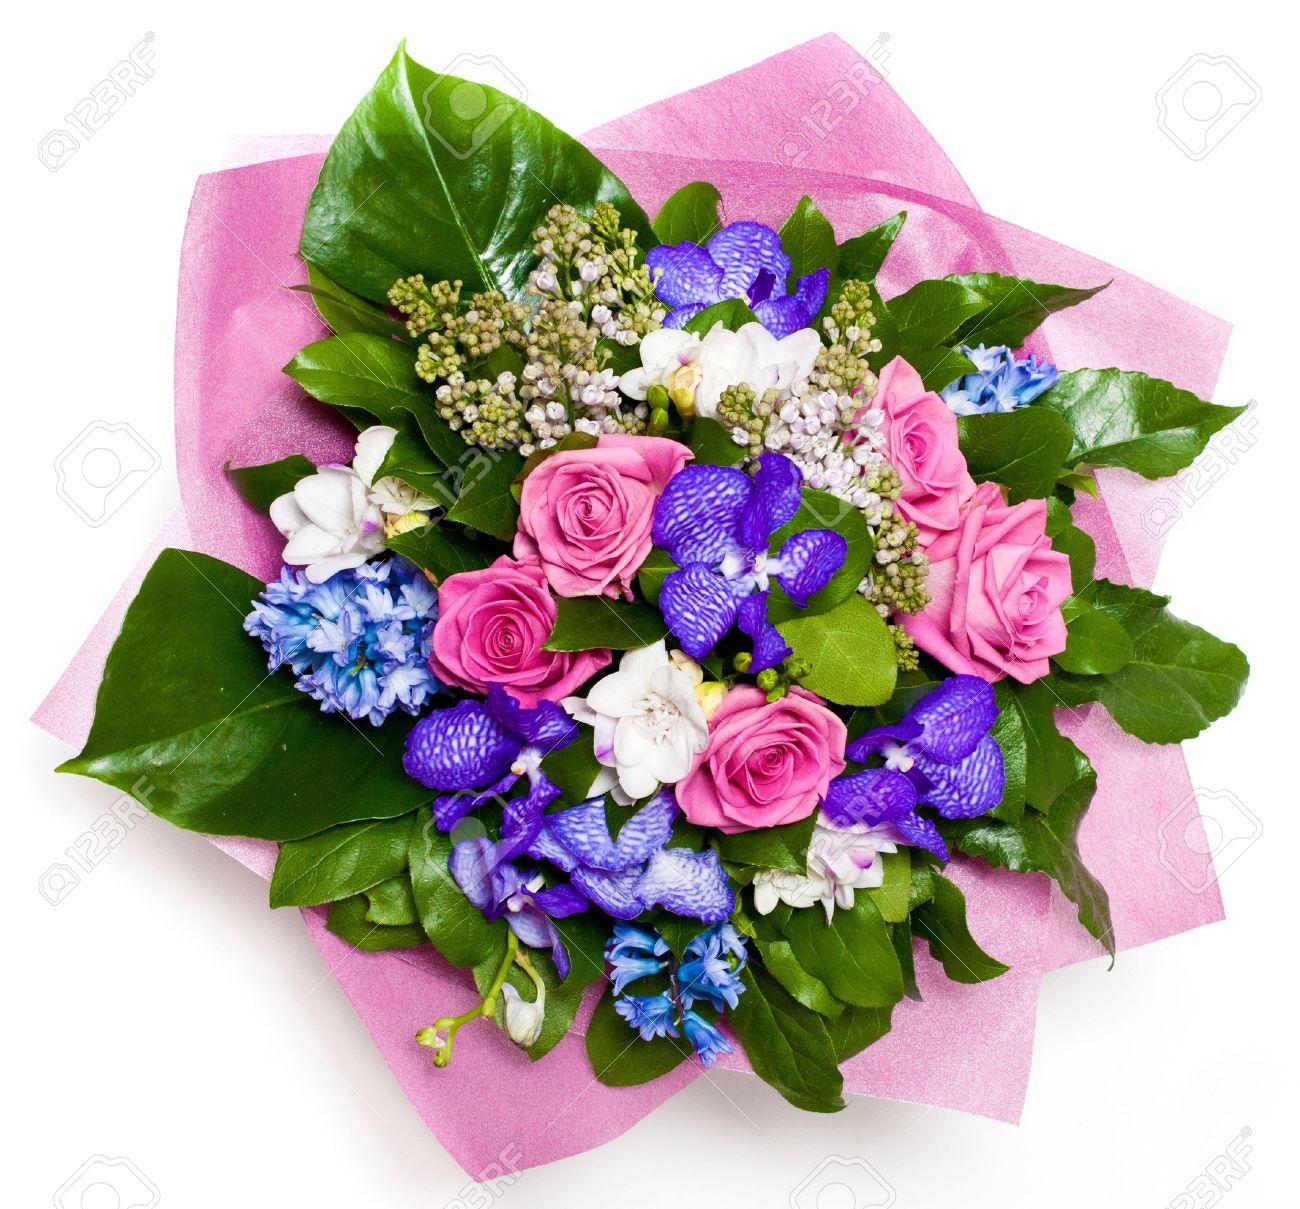 Mazzo Di Fiori Immagini.Immagini Stock Mazzo Di Fiori Con Rose E Lilla In Vaso Image